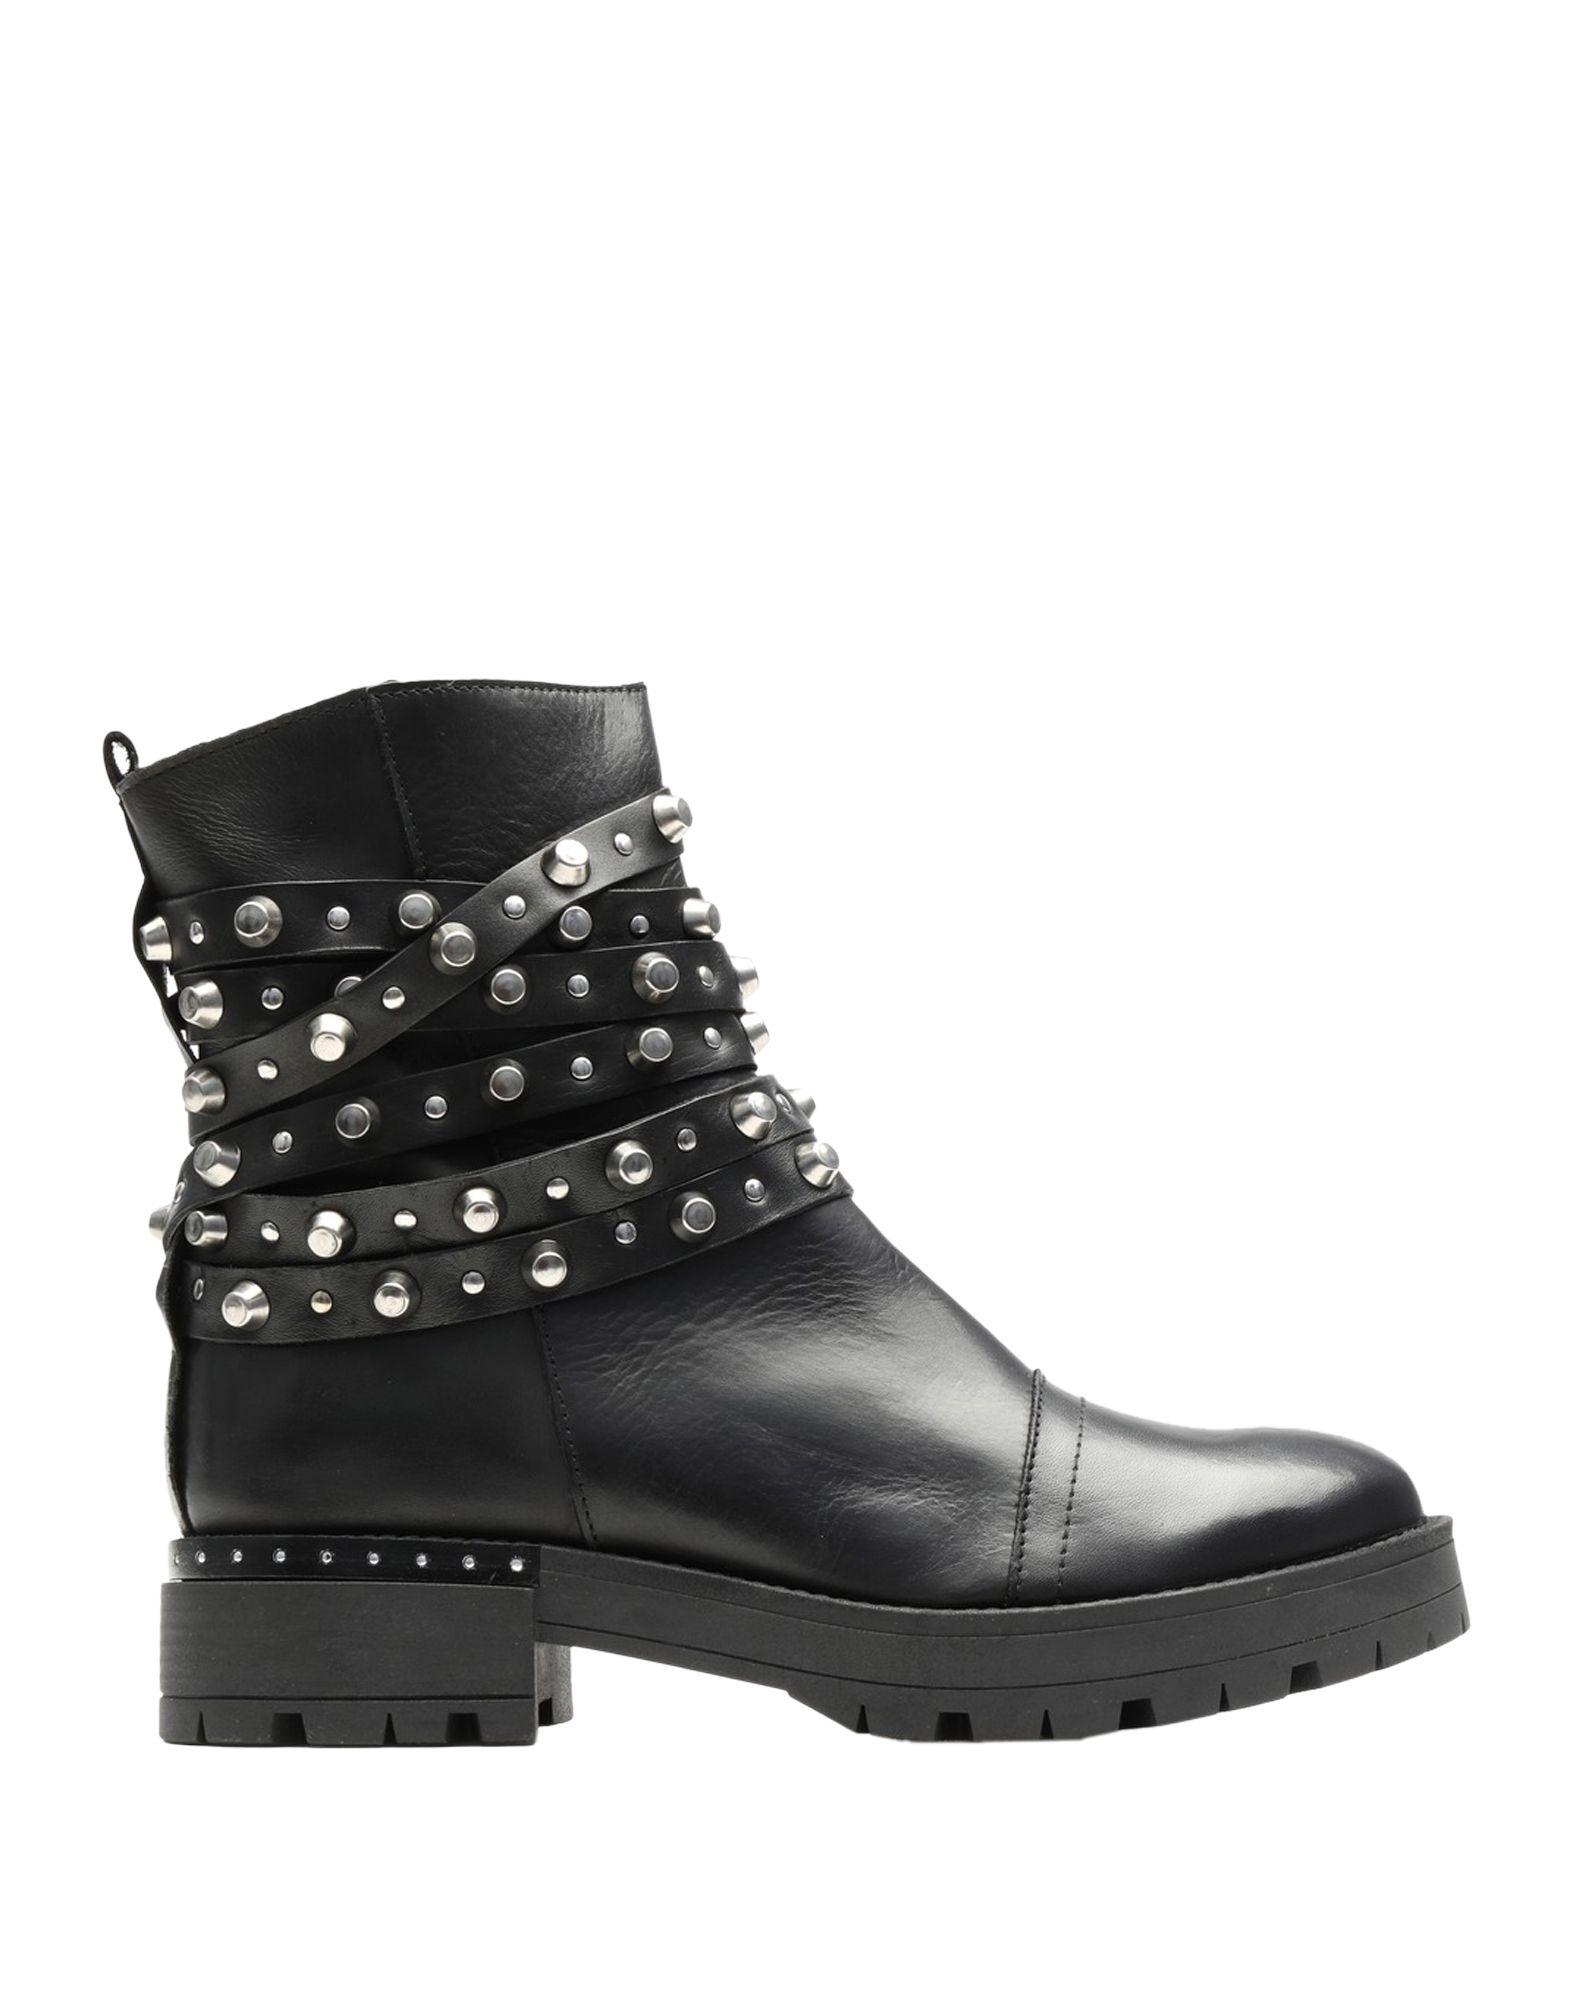 PIERRE DARRÉ Полусапоги и высокие ботинки цены онлайн